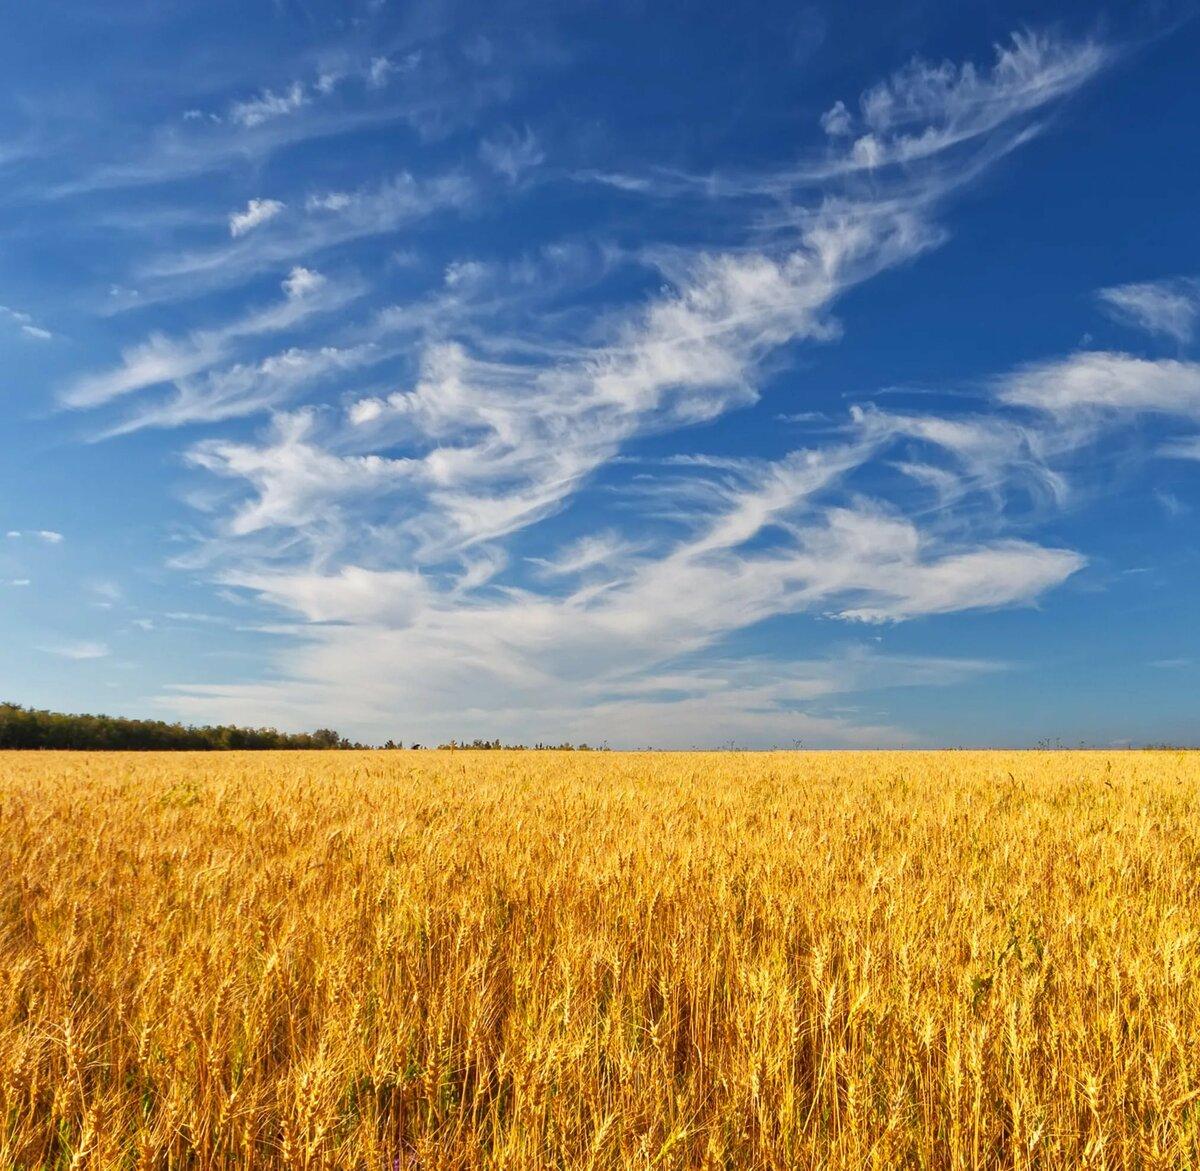 краудфандинг фото пшеничного поля и синего неба про устрашающий